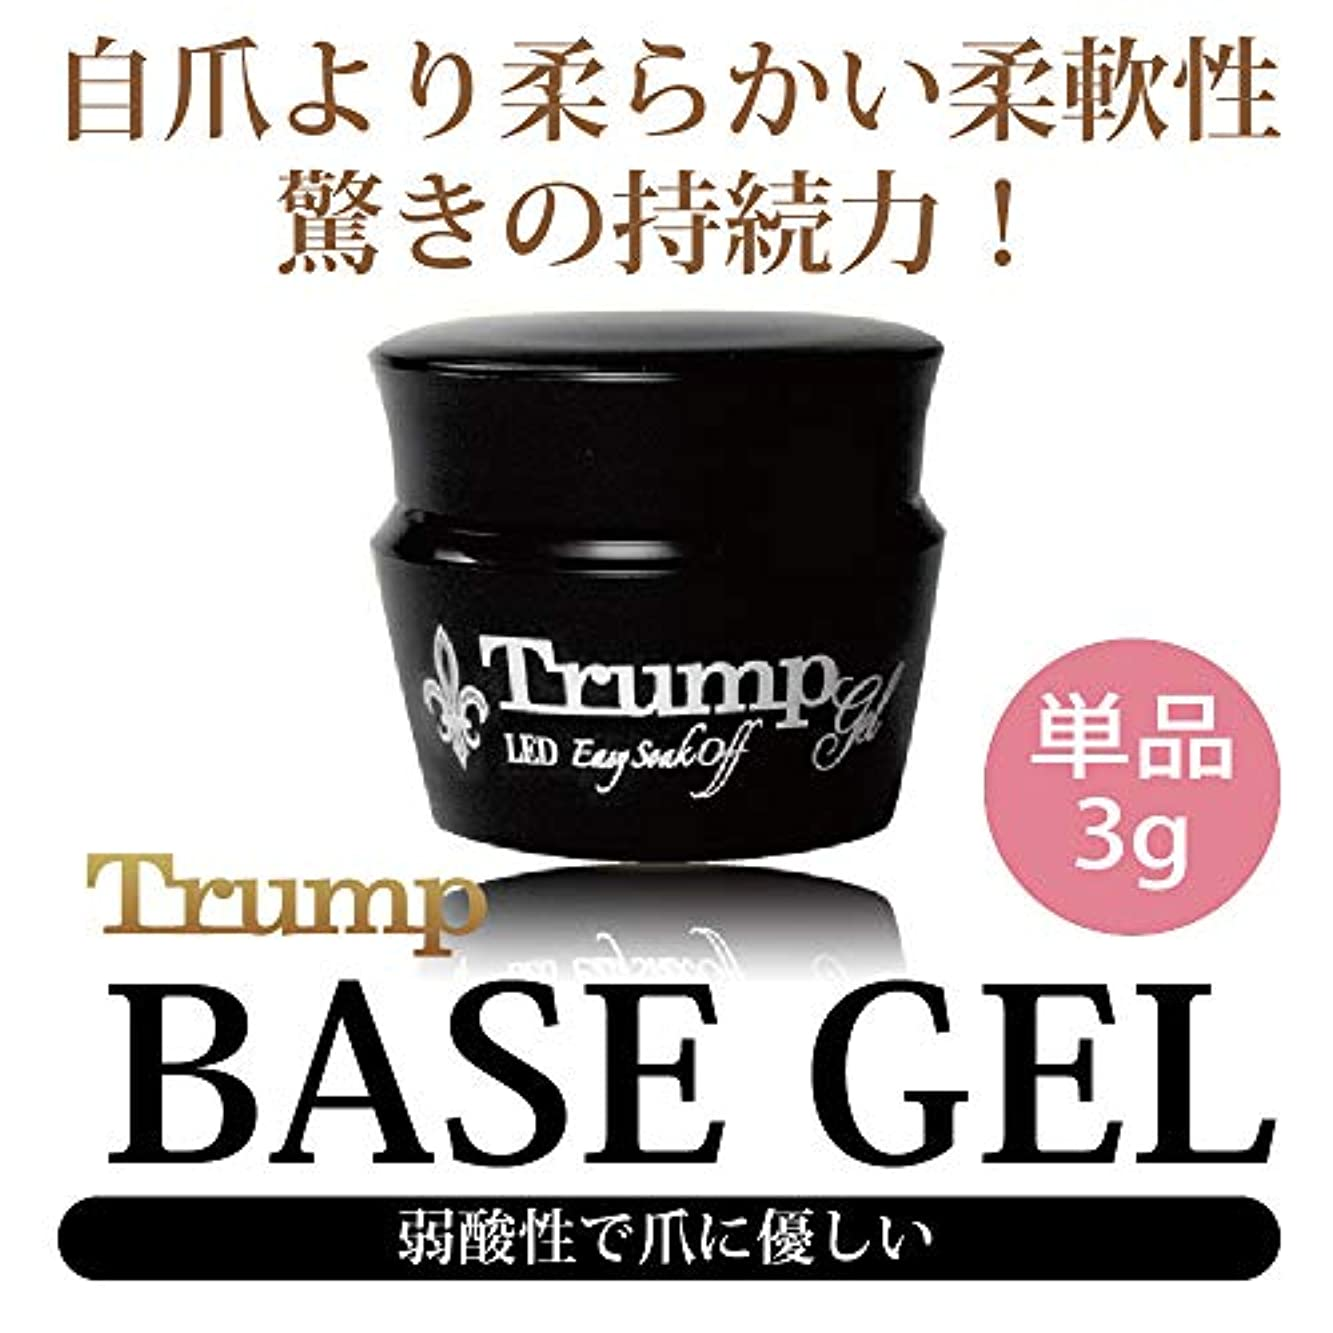 防水面ジャズTrump gel トランプ ベースジェル 爪に優しい 日本製 驚きの密着力 リムーバーでオフも簡単3g